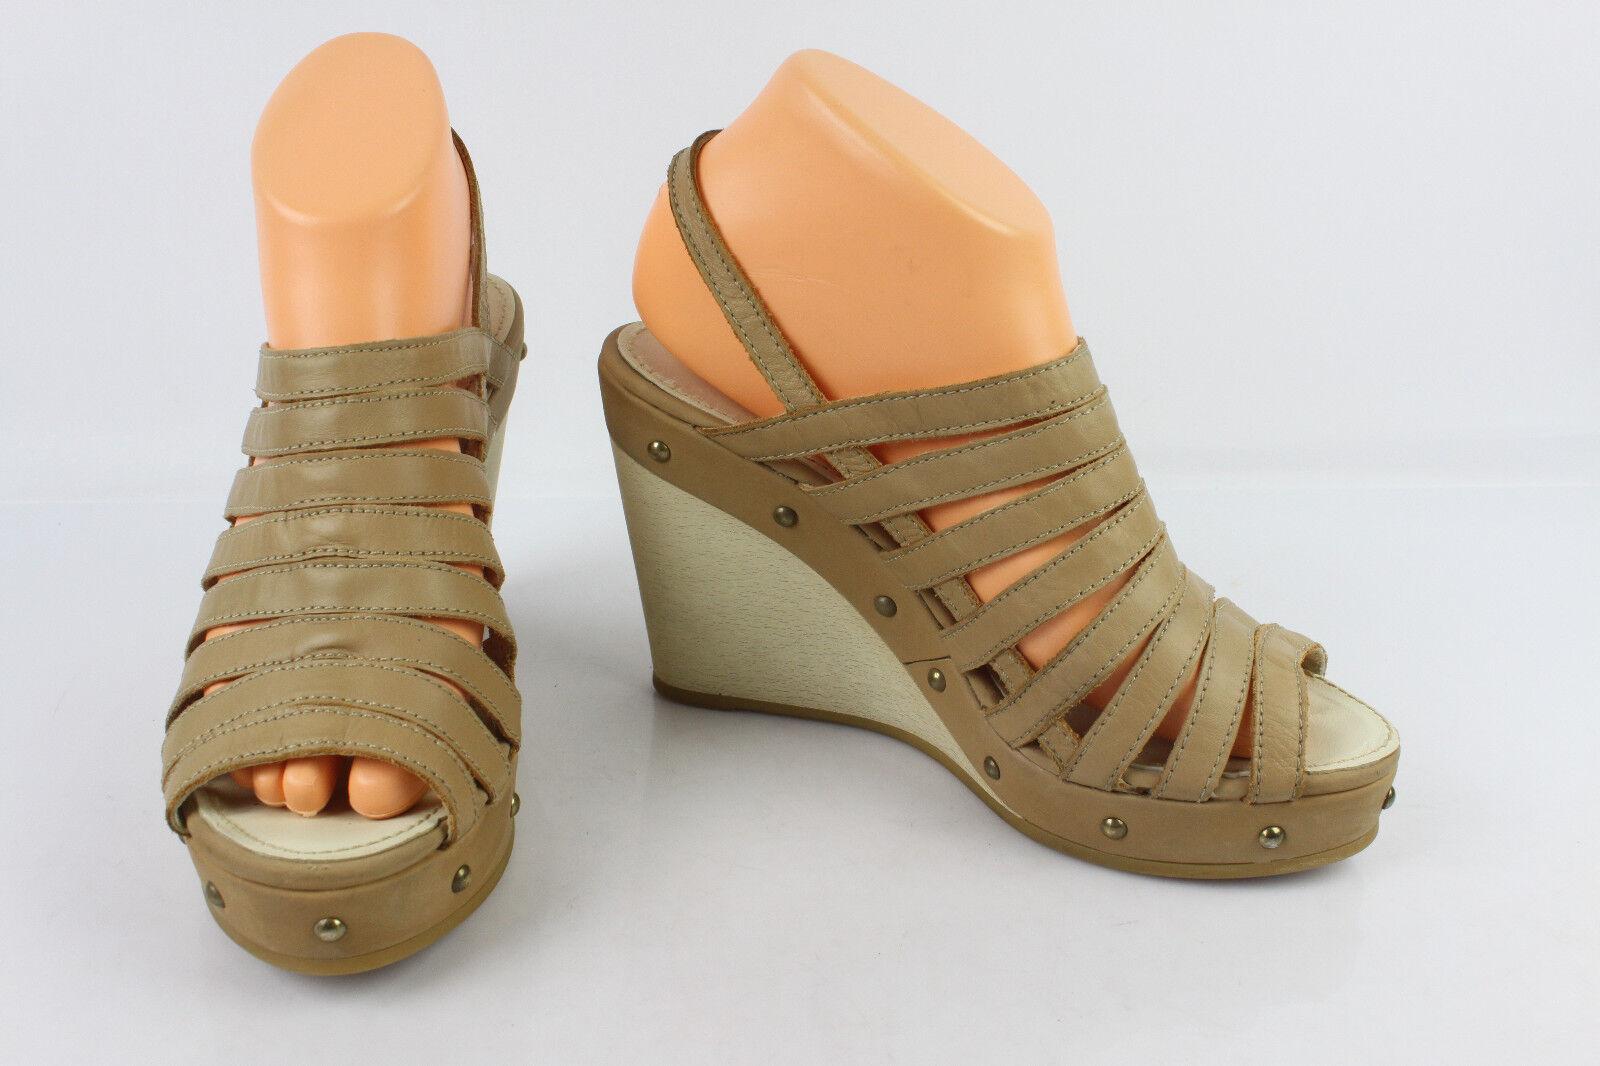 Sandalen T mit absatz Plattform GEOX Beige Leder T Sandalen 39 SEHT GUTER ZUSTAND 795e3e